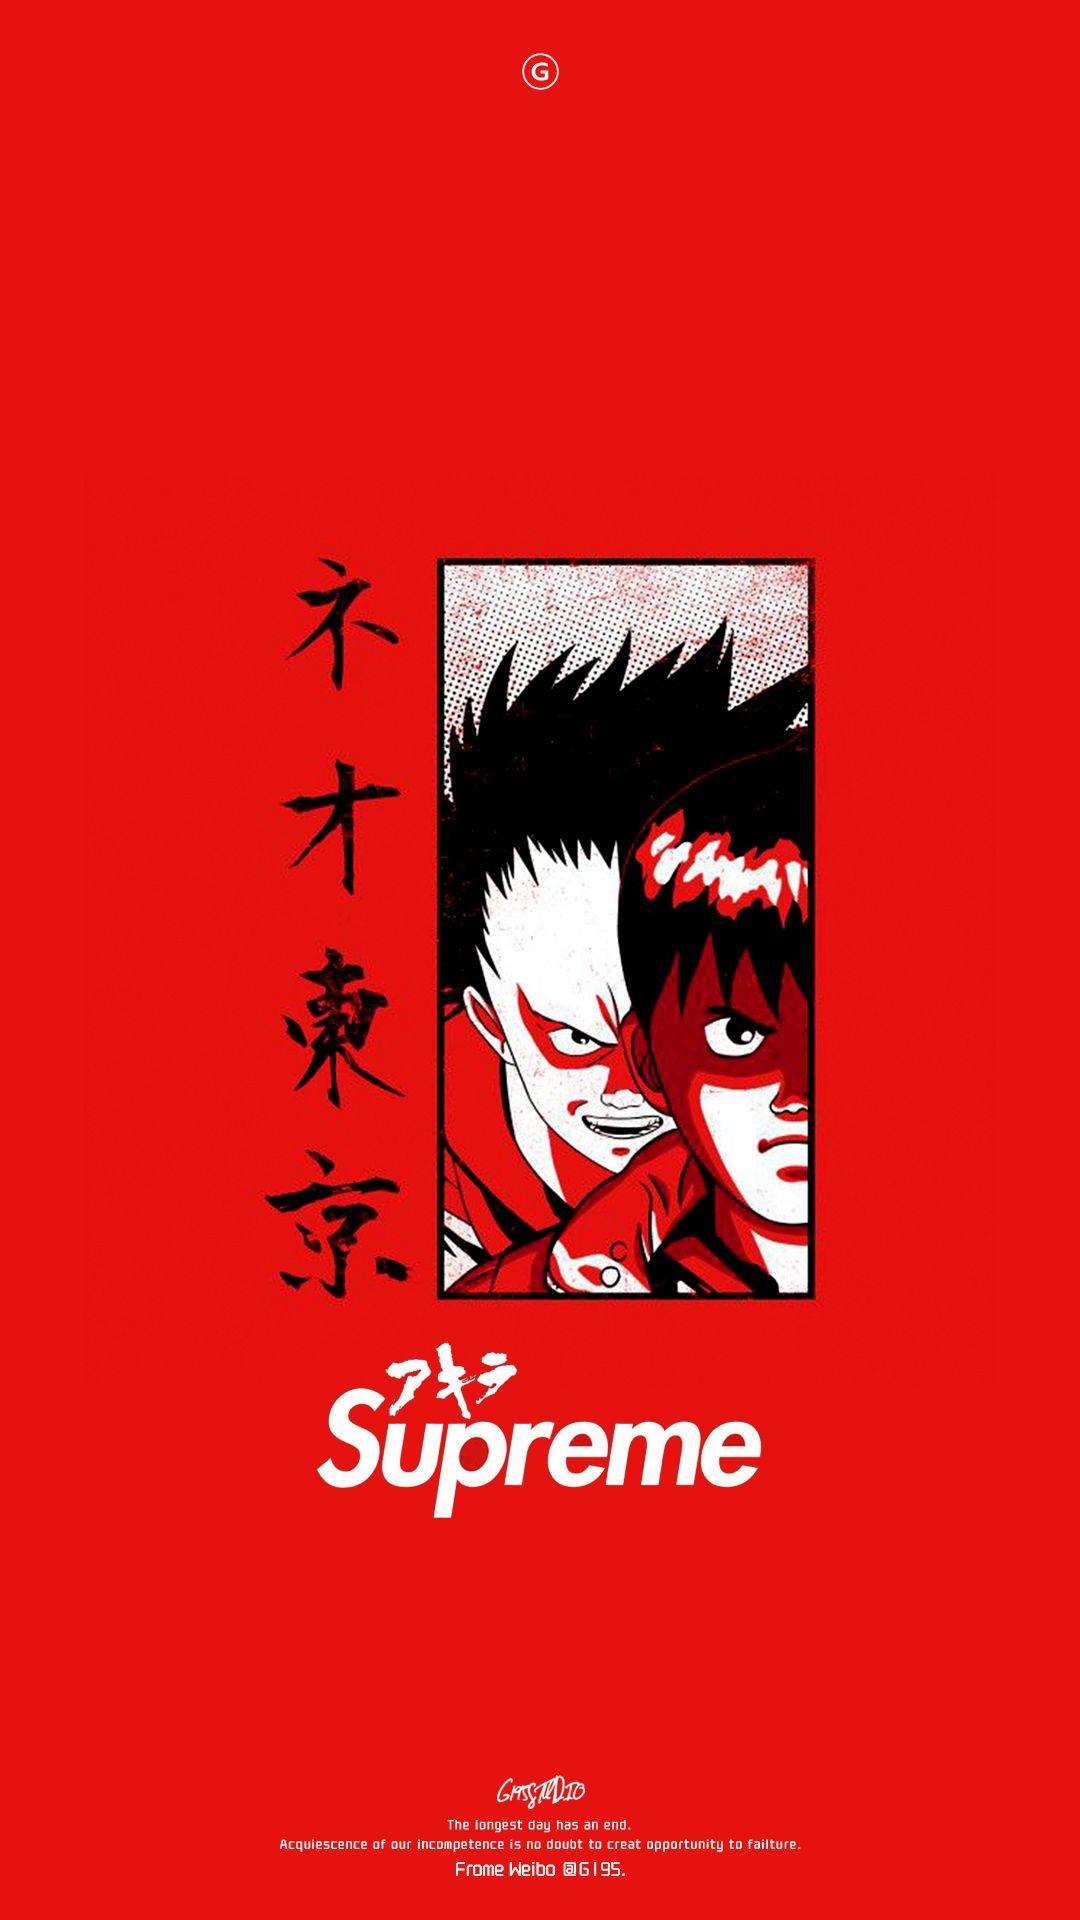 Supreme アキラ アキラ Akira アキラ Akira 鉄雄